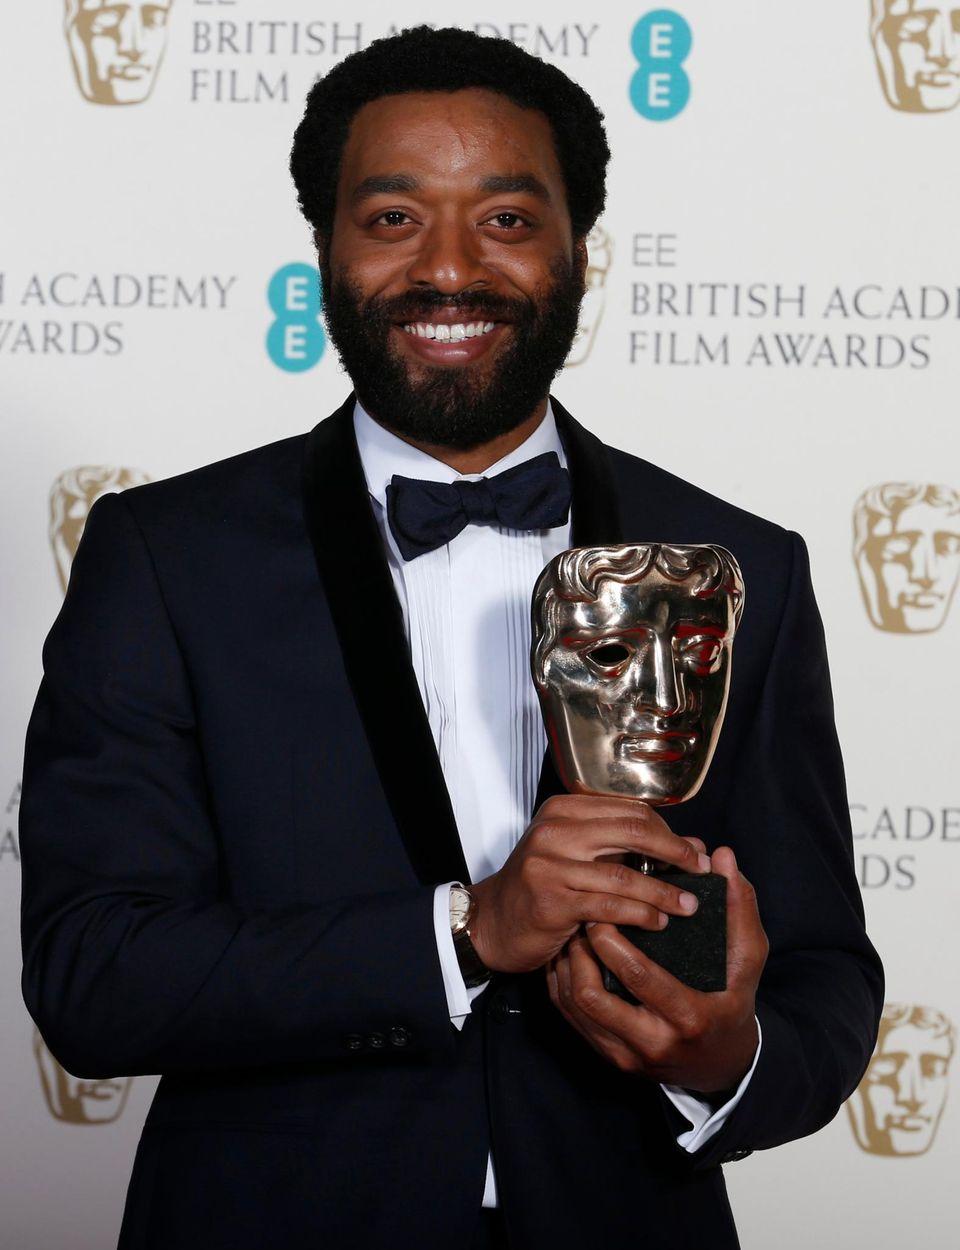 """Chiwetel Ejiofor gewinnt den Preis als bester Hauptdarsteller für seine Rolle in den Sklavendram """"12 Years A Slave""""."""